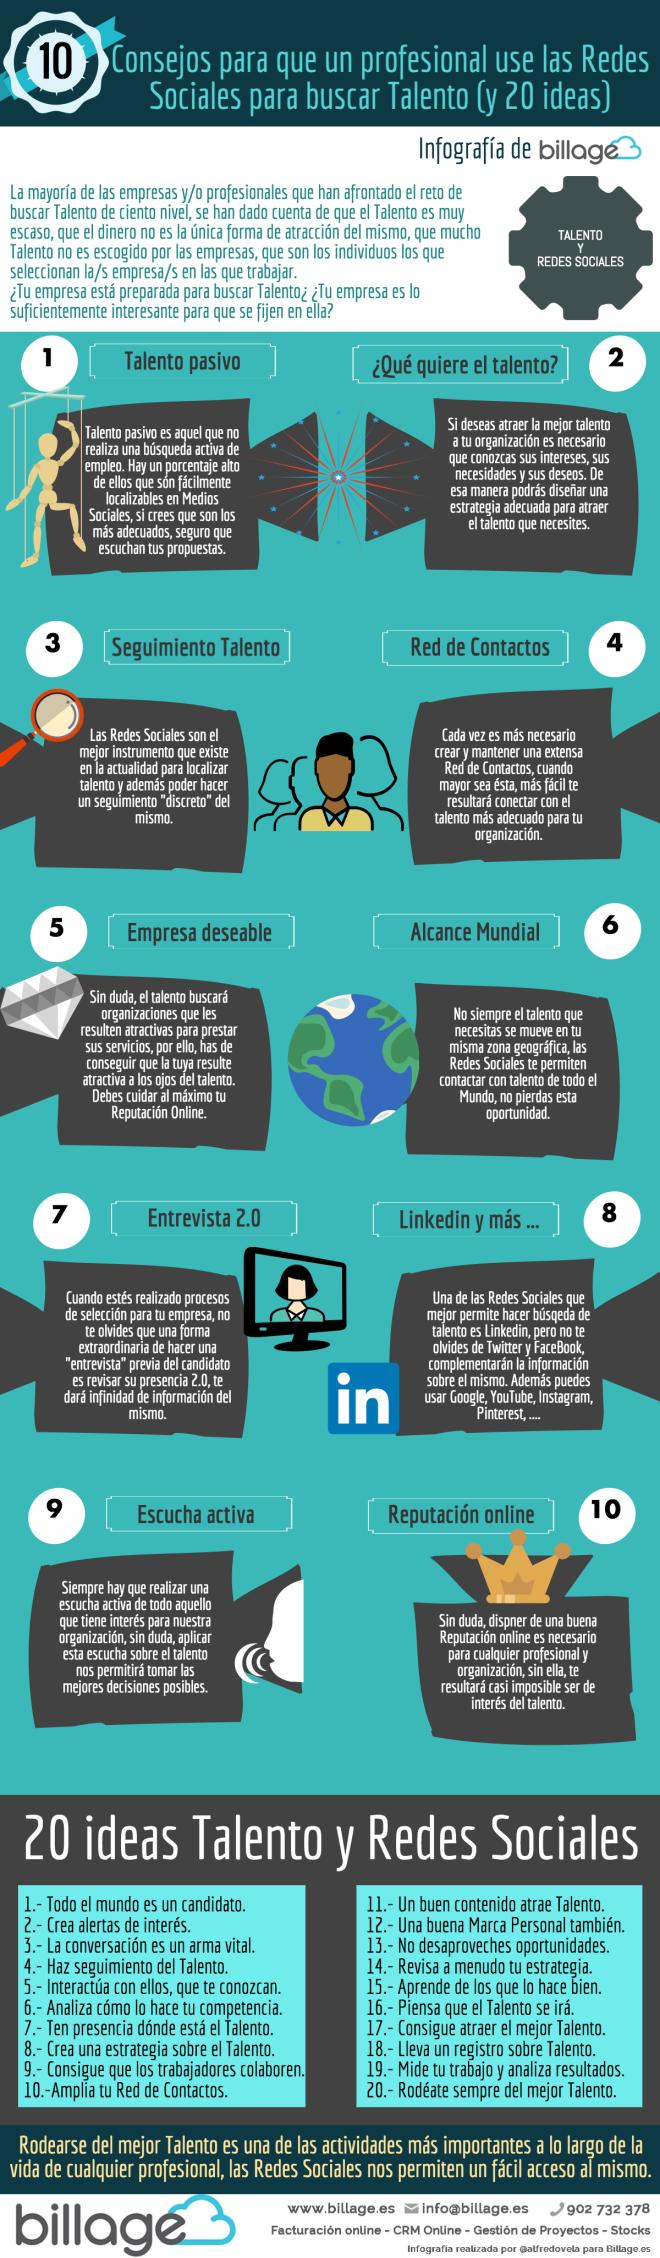 10 consejos para atraer Talento con Redes Sociales (y 20 ideas)